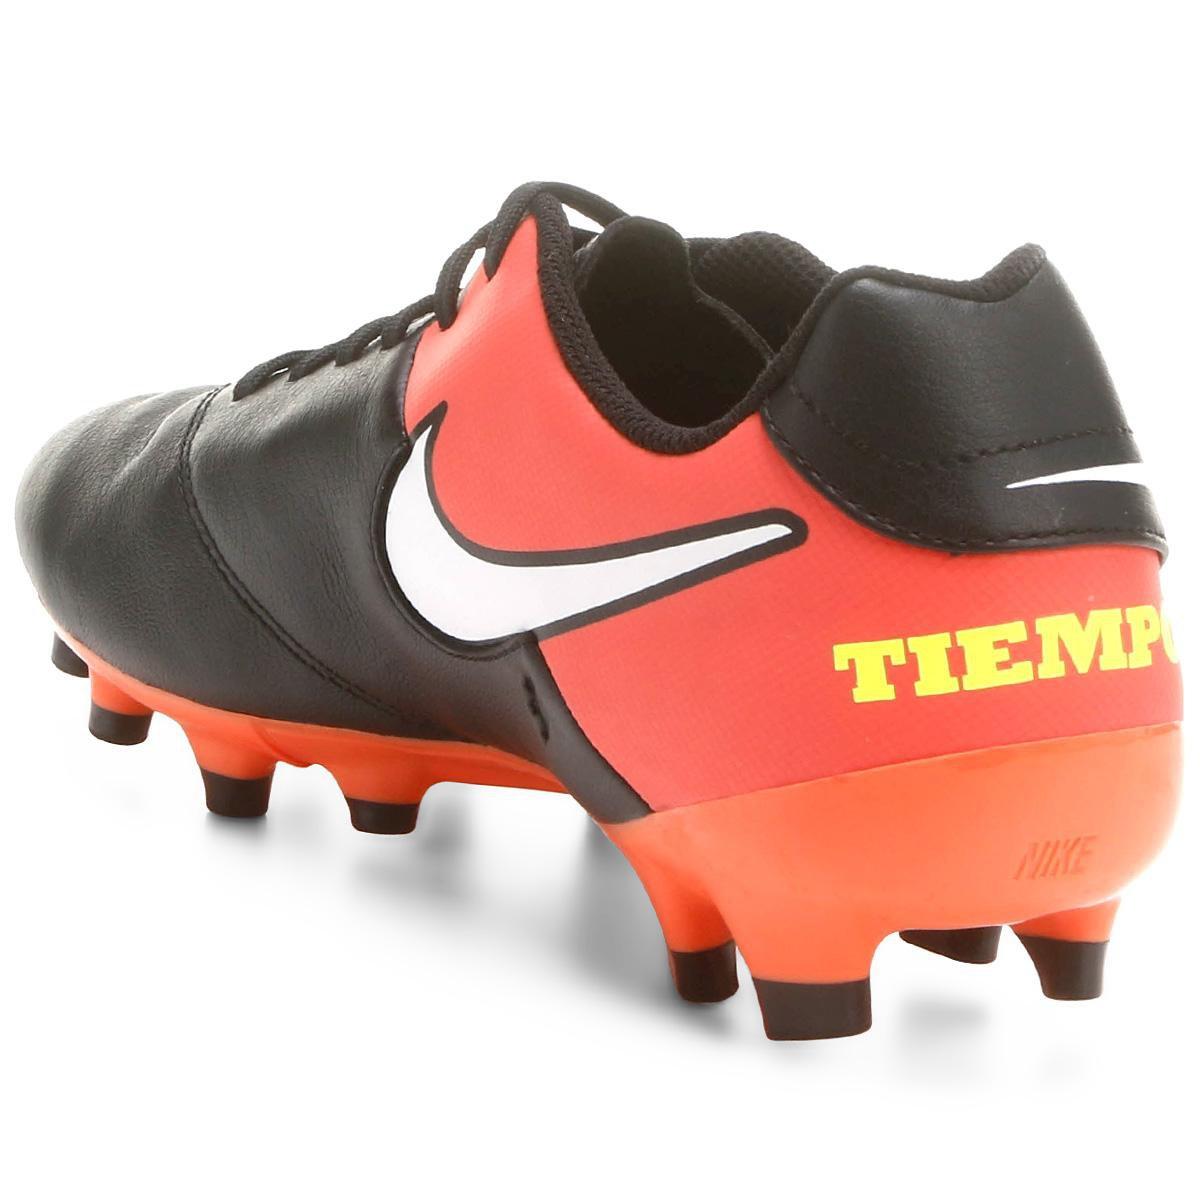 Chuteira Campo Nike Tiempo Genio 2 Leather FG - Compre Agora  0a957e0d4bdf5